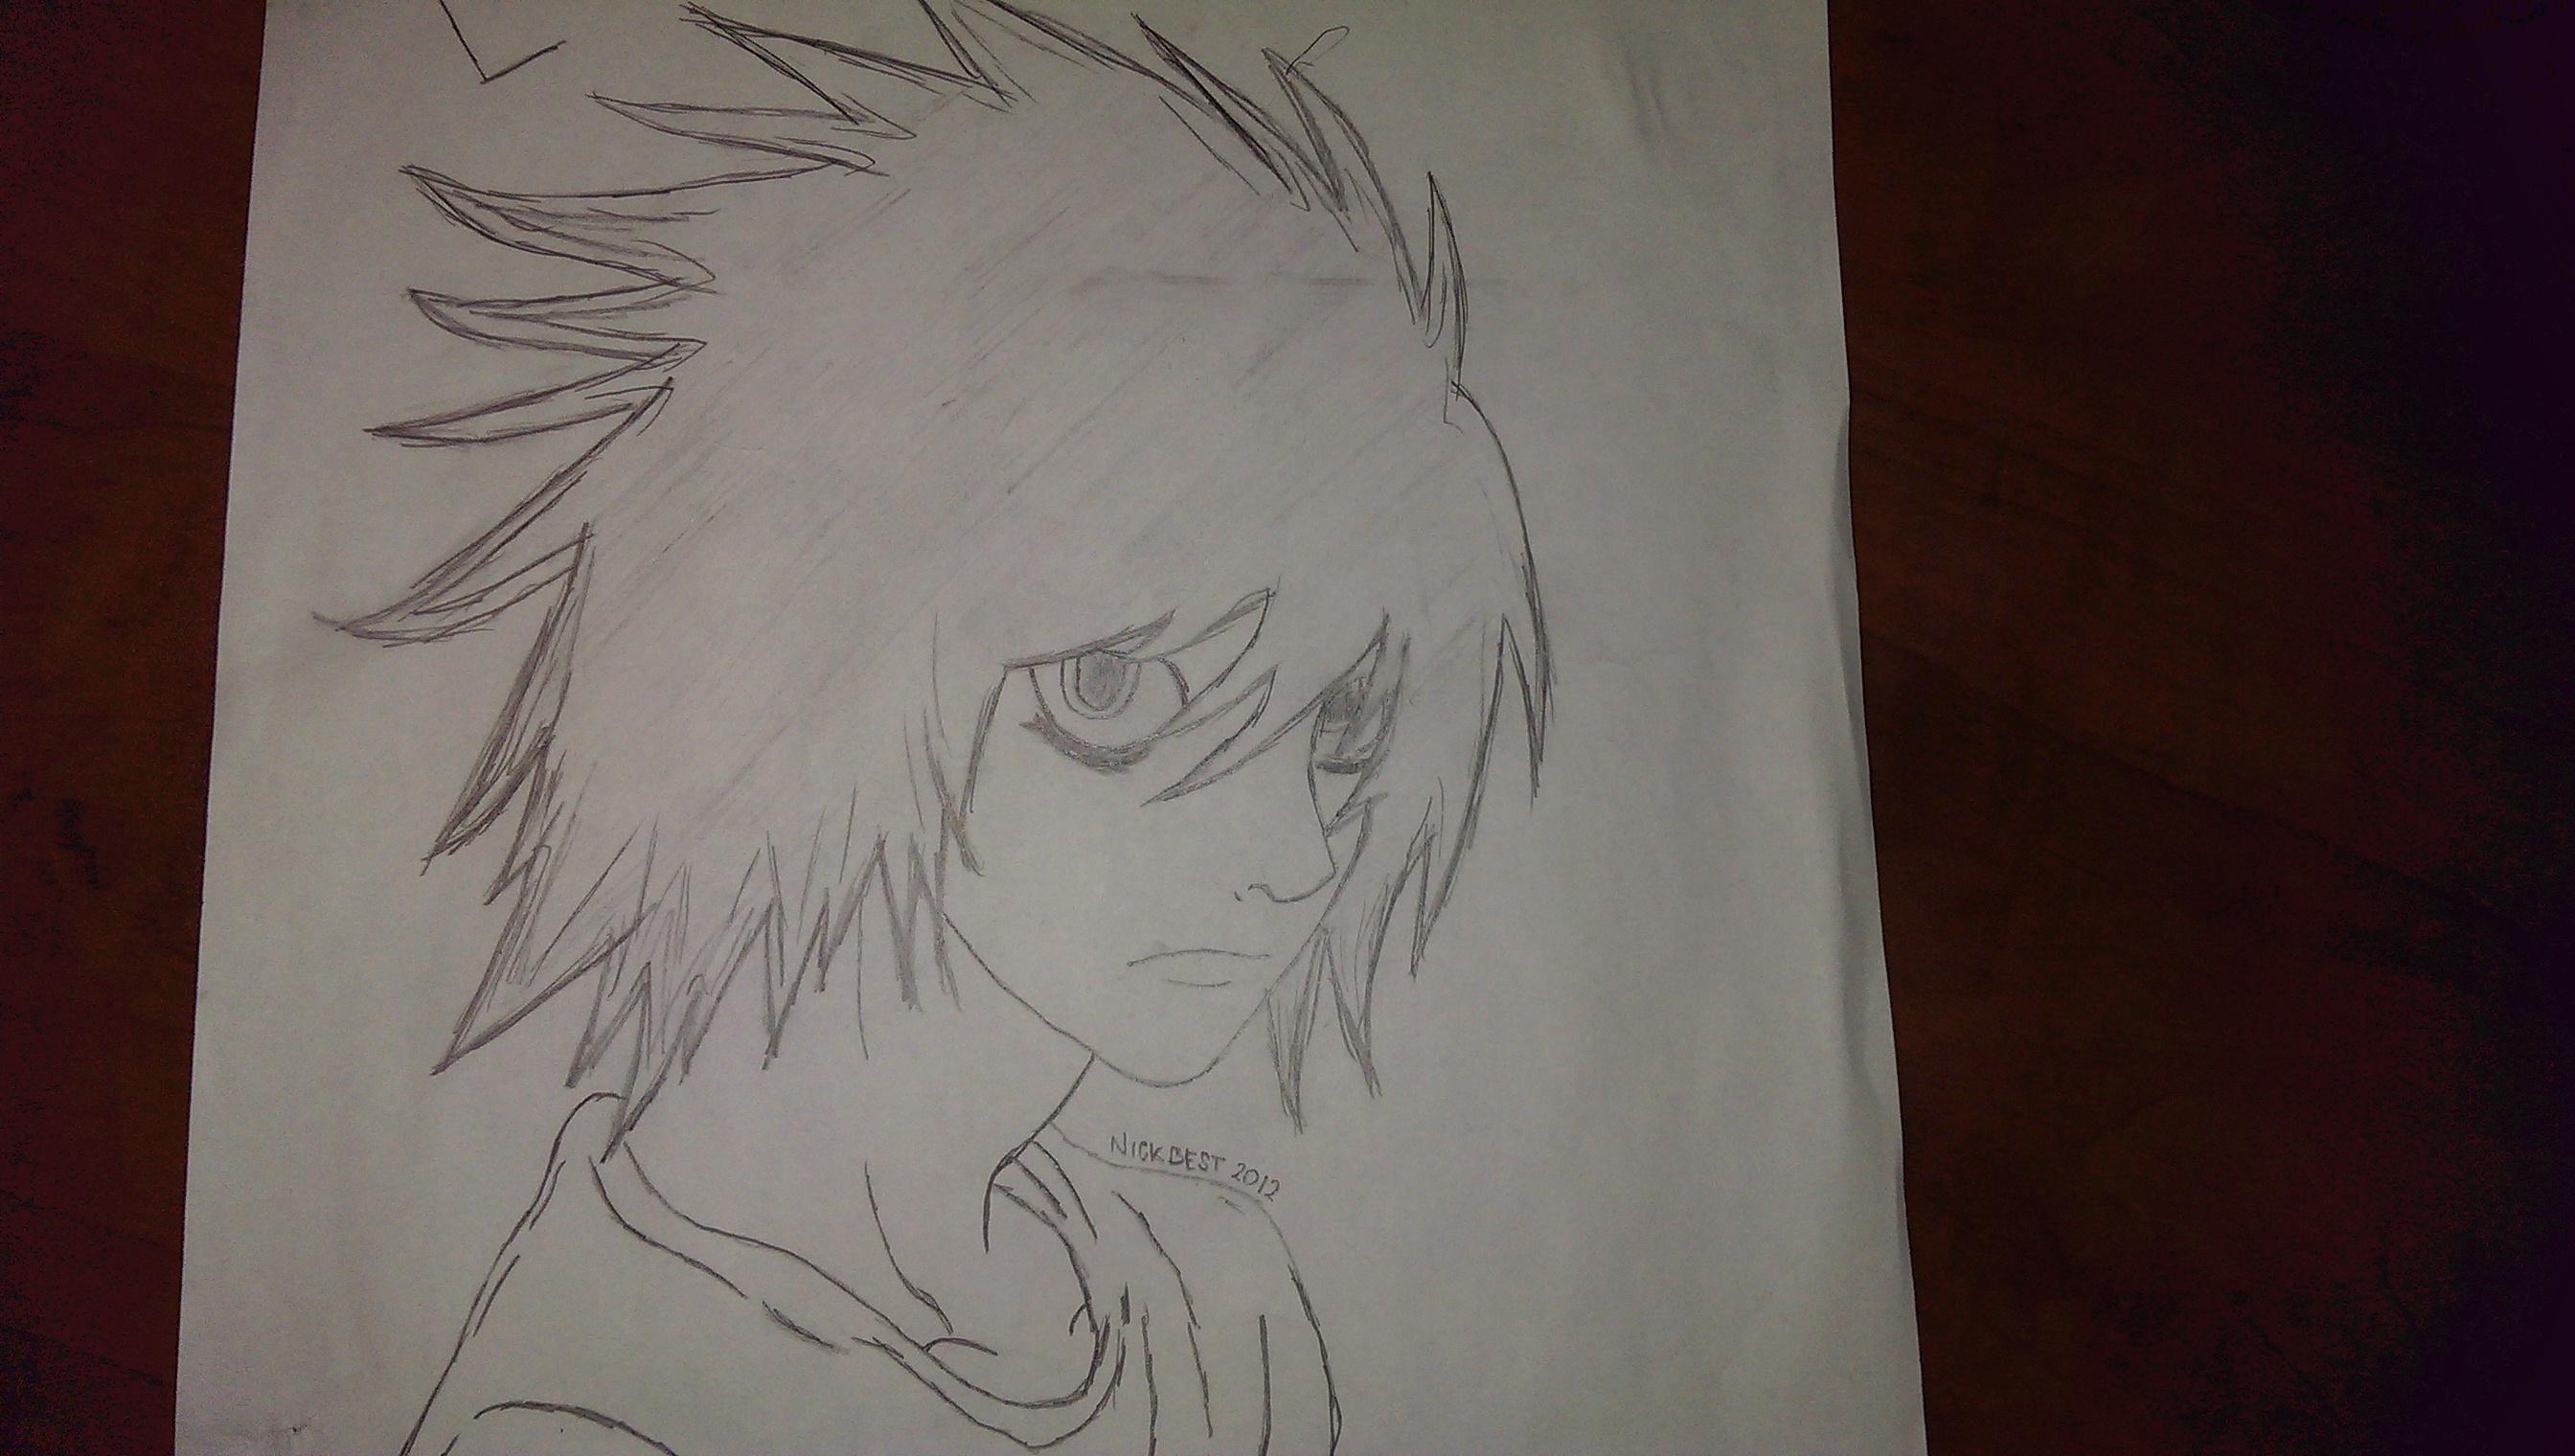 L Lawliet Pencil Drawing